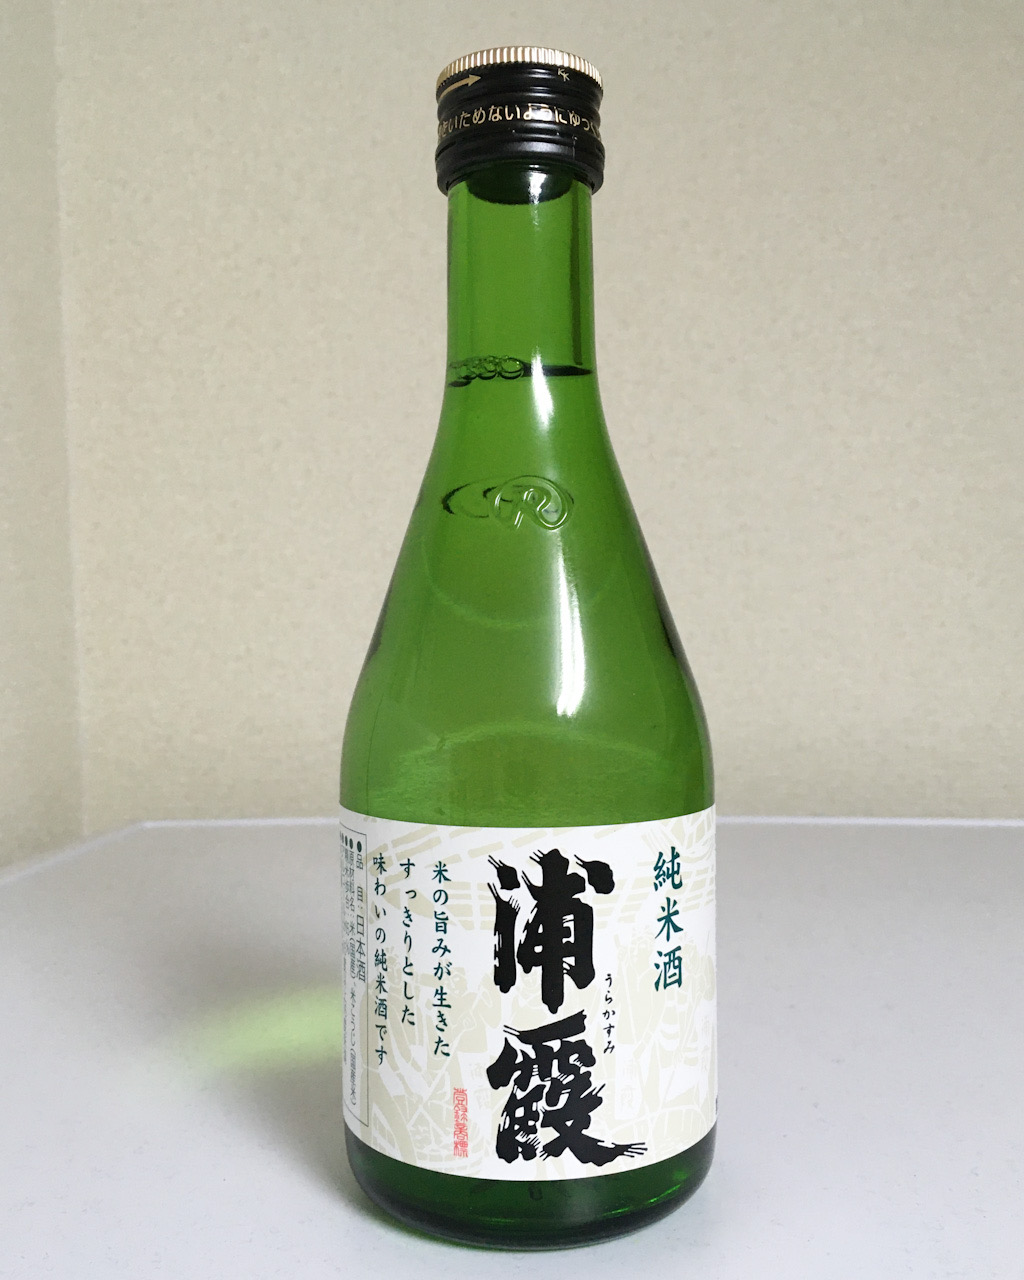 コンビニ限定の日本酒、「純米酒 裏霞」